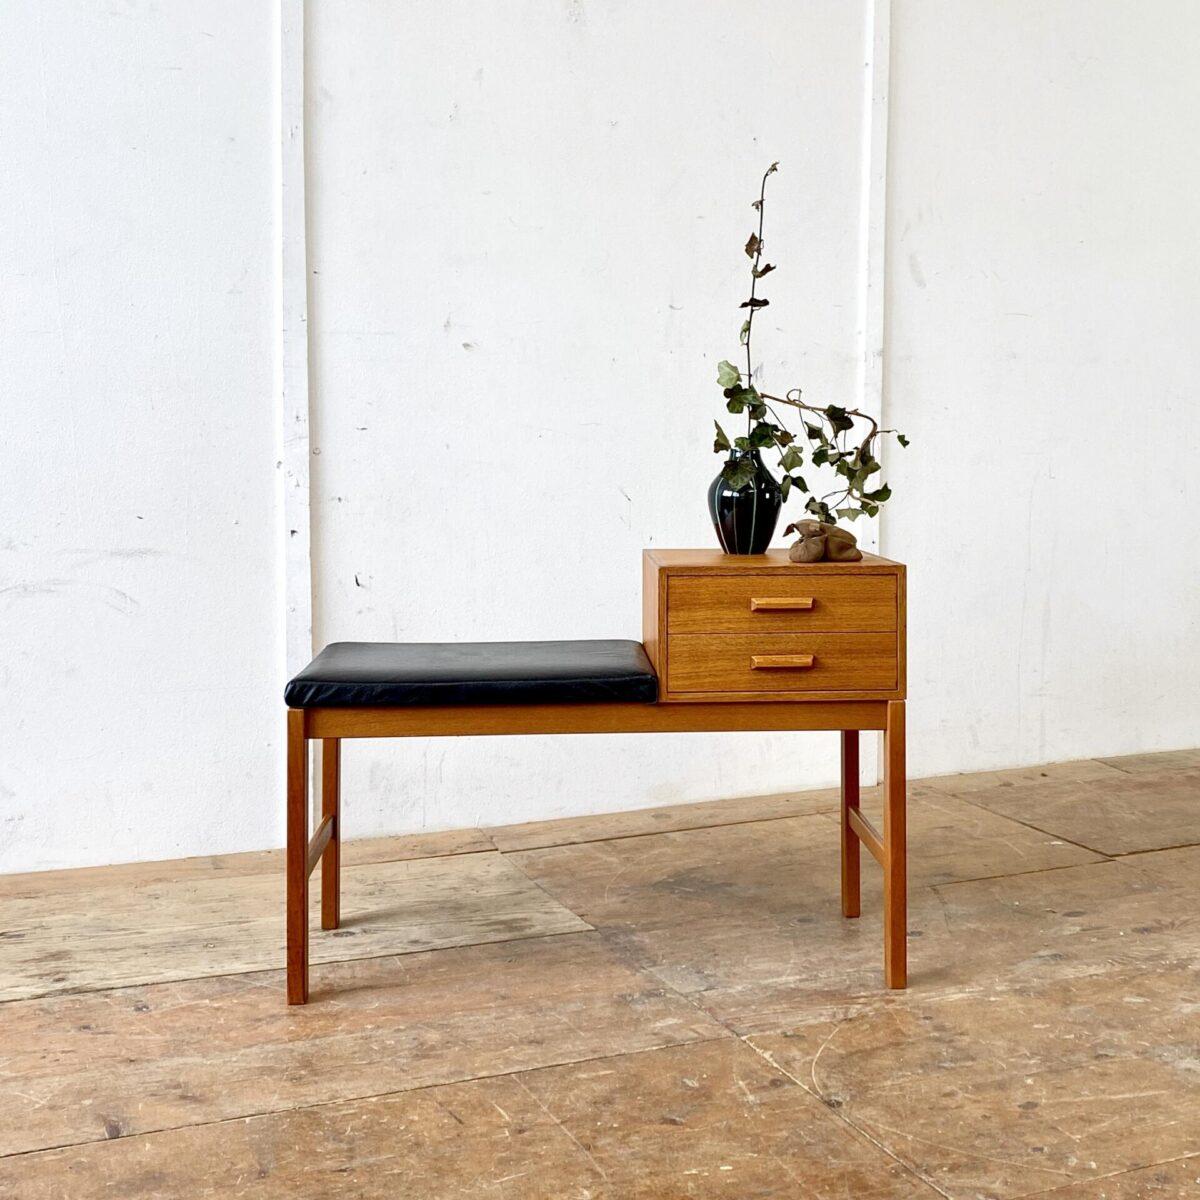 Deuxieme.shop Teak Bench. Schwedischer Midcentury Telefontisch mit Sitzbank. 85x38cm Höhe 50cm Sitzhöhe 44cm. Das Sitzpolster ist mit Leder Bezogen, Tisch und Schubladen Teak furniert. Die Beine sind aus Vollholz.